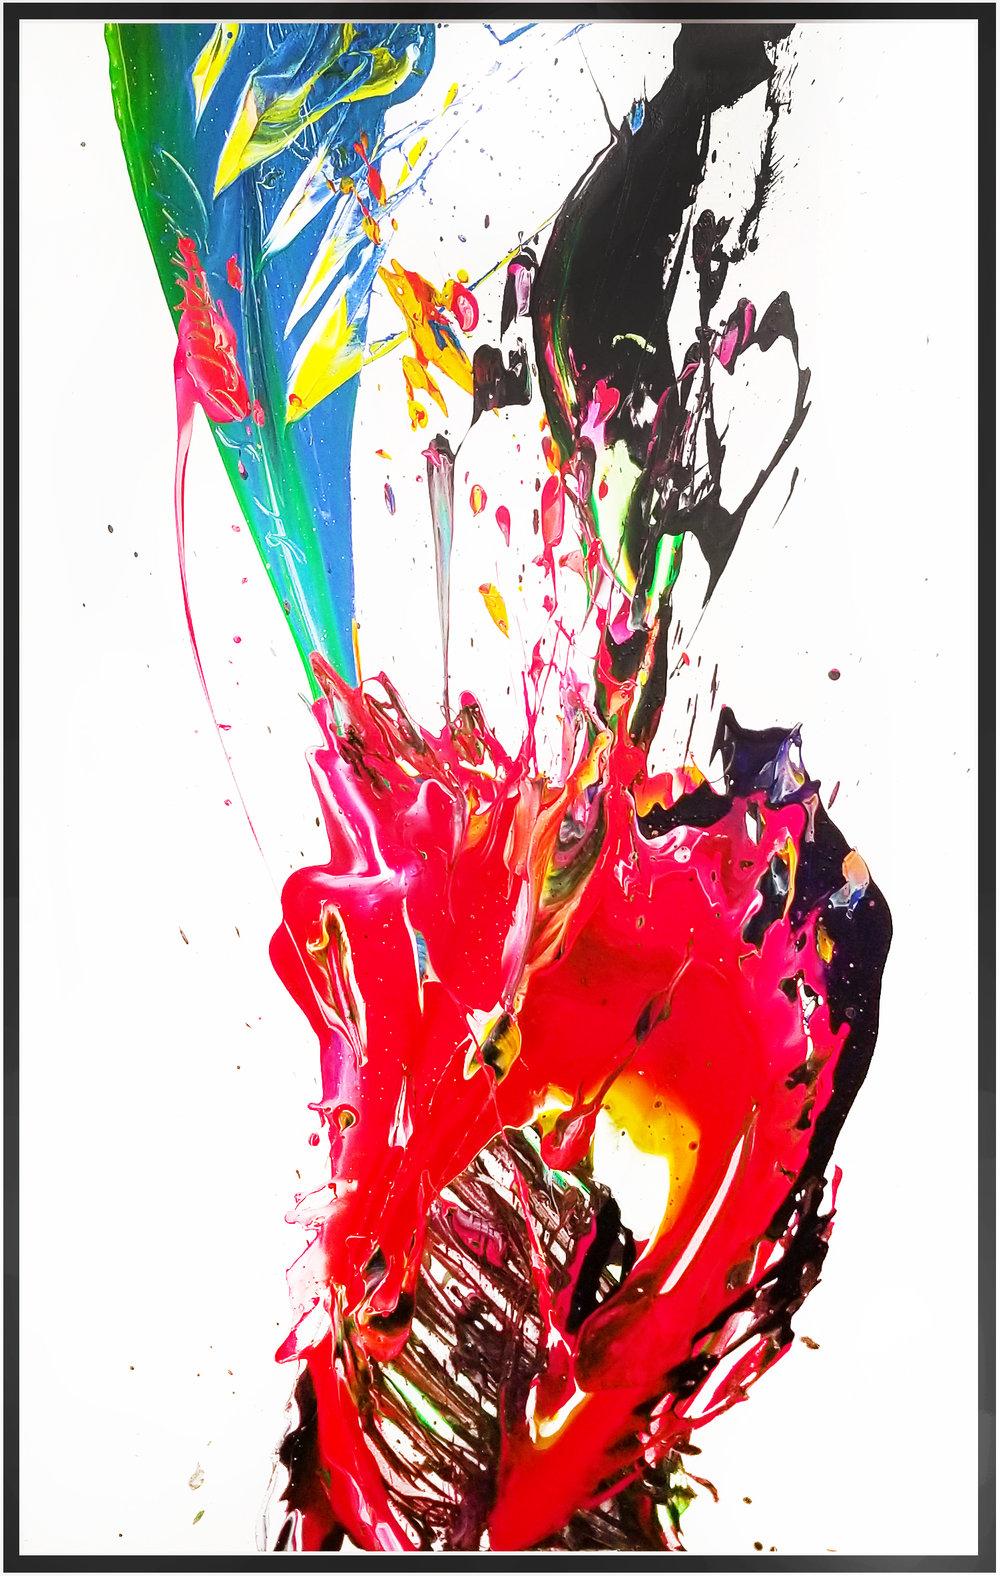 """SP² #93, 2017, acrylic on canvas, 36"""" x 60"""" (91.4 x 152.4 cm) in Seoul, Korea"""